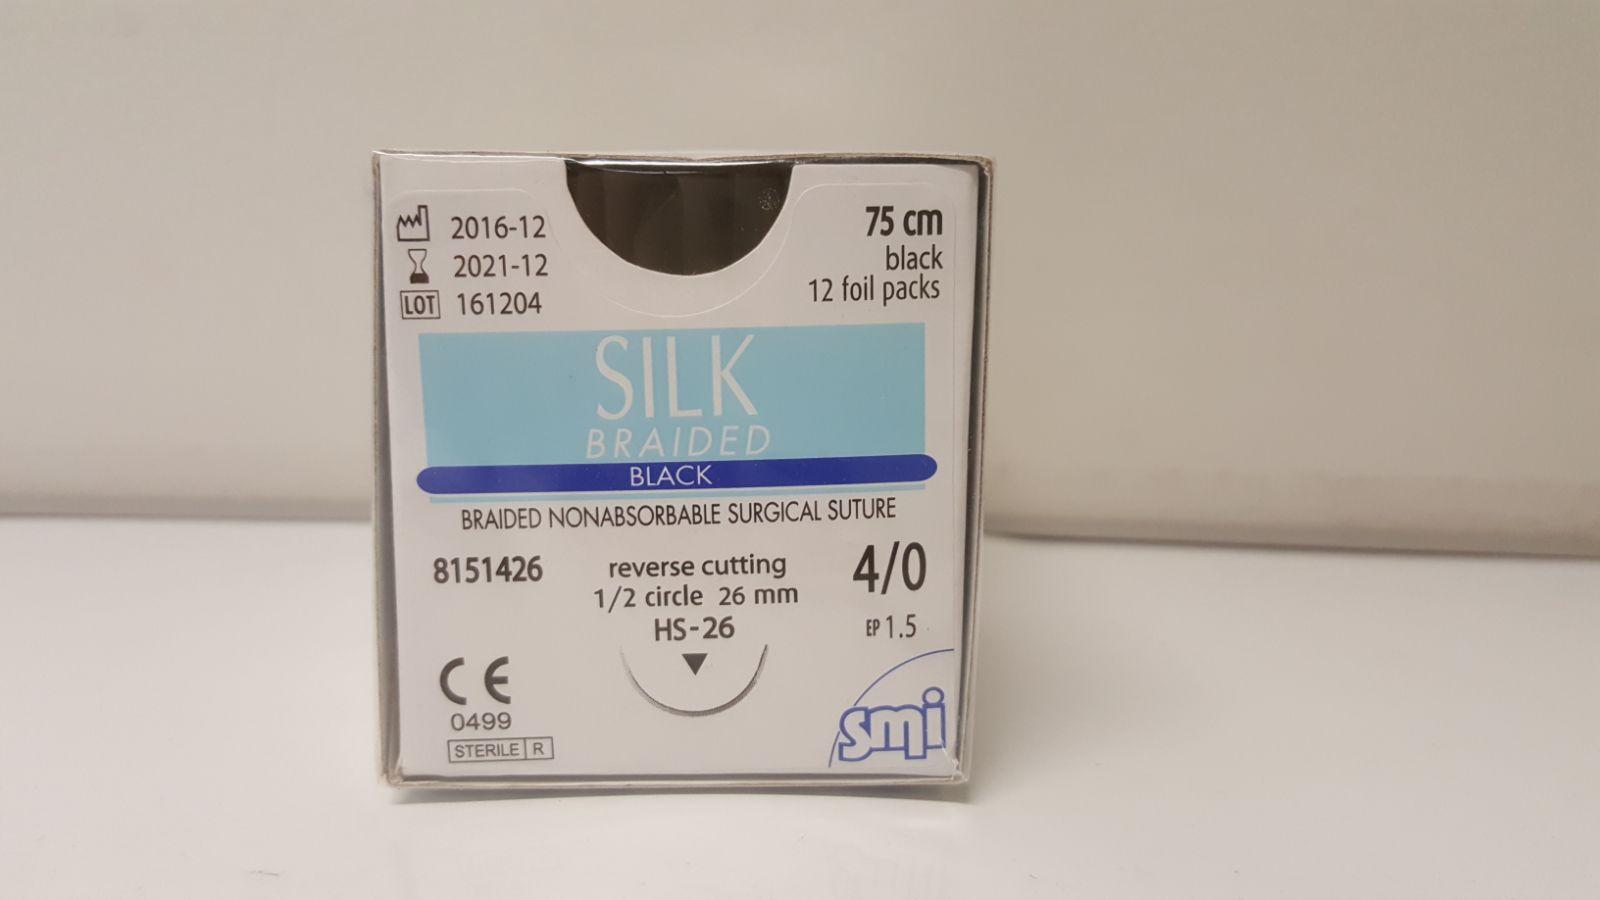 SUTURE SILK 4/0 RC1/2 HS26 75CM BLACK BOX 12